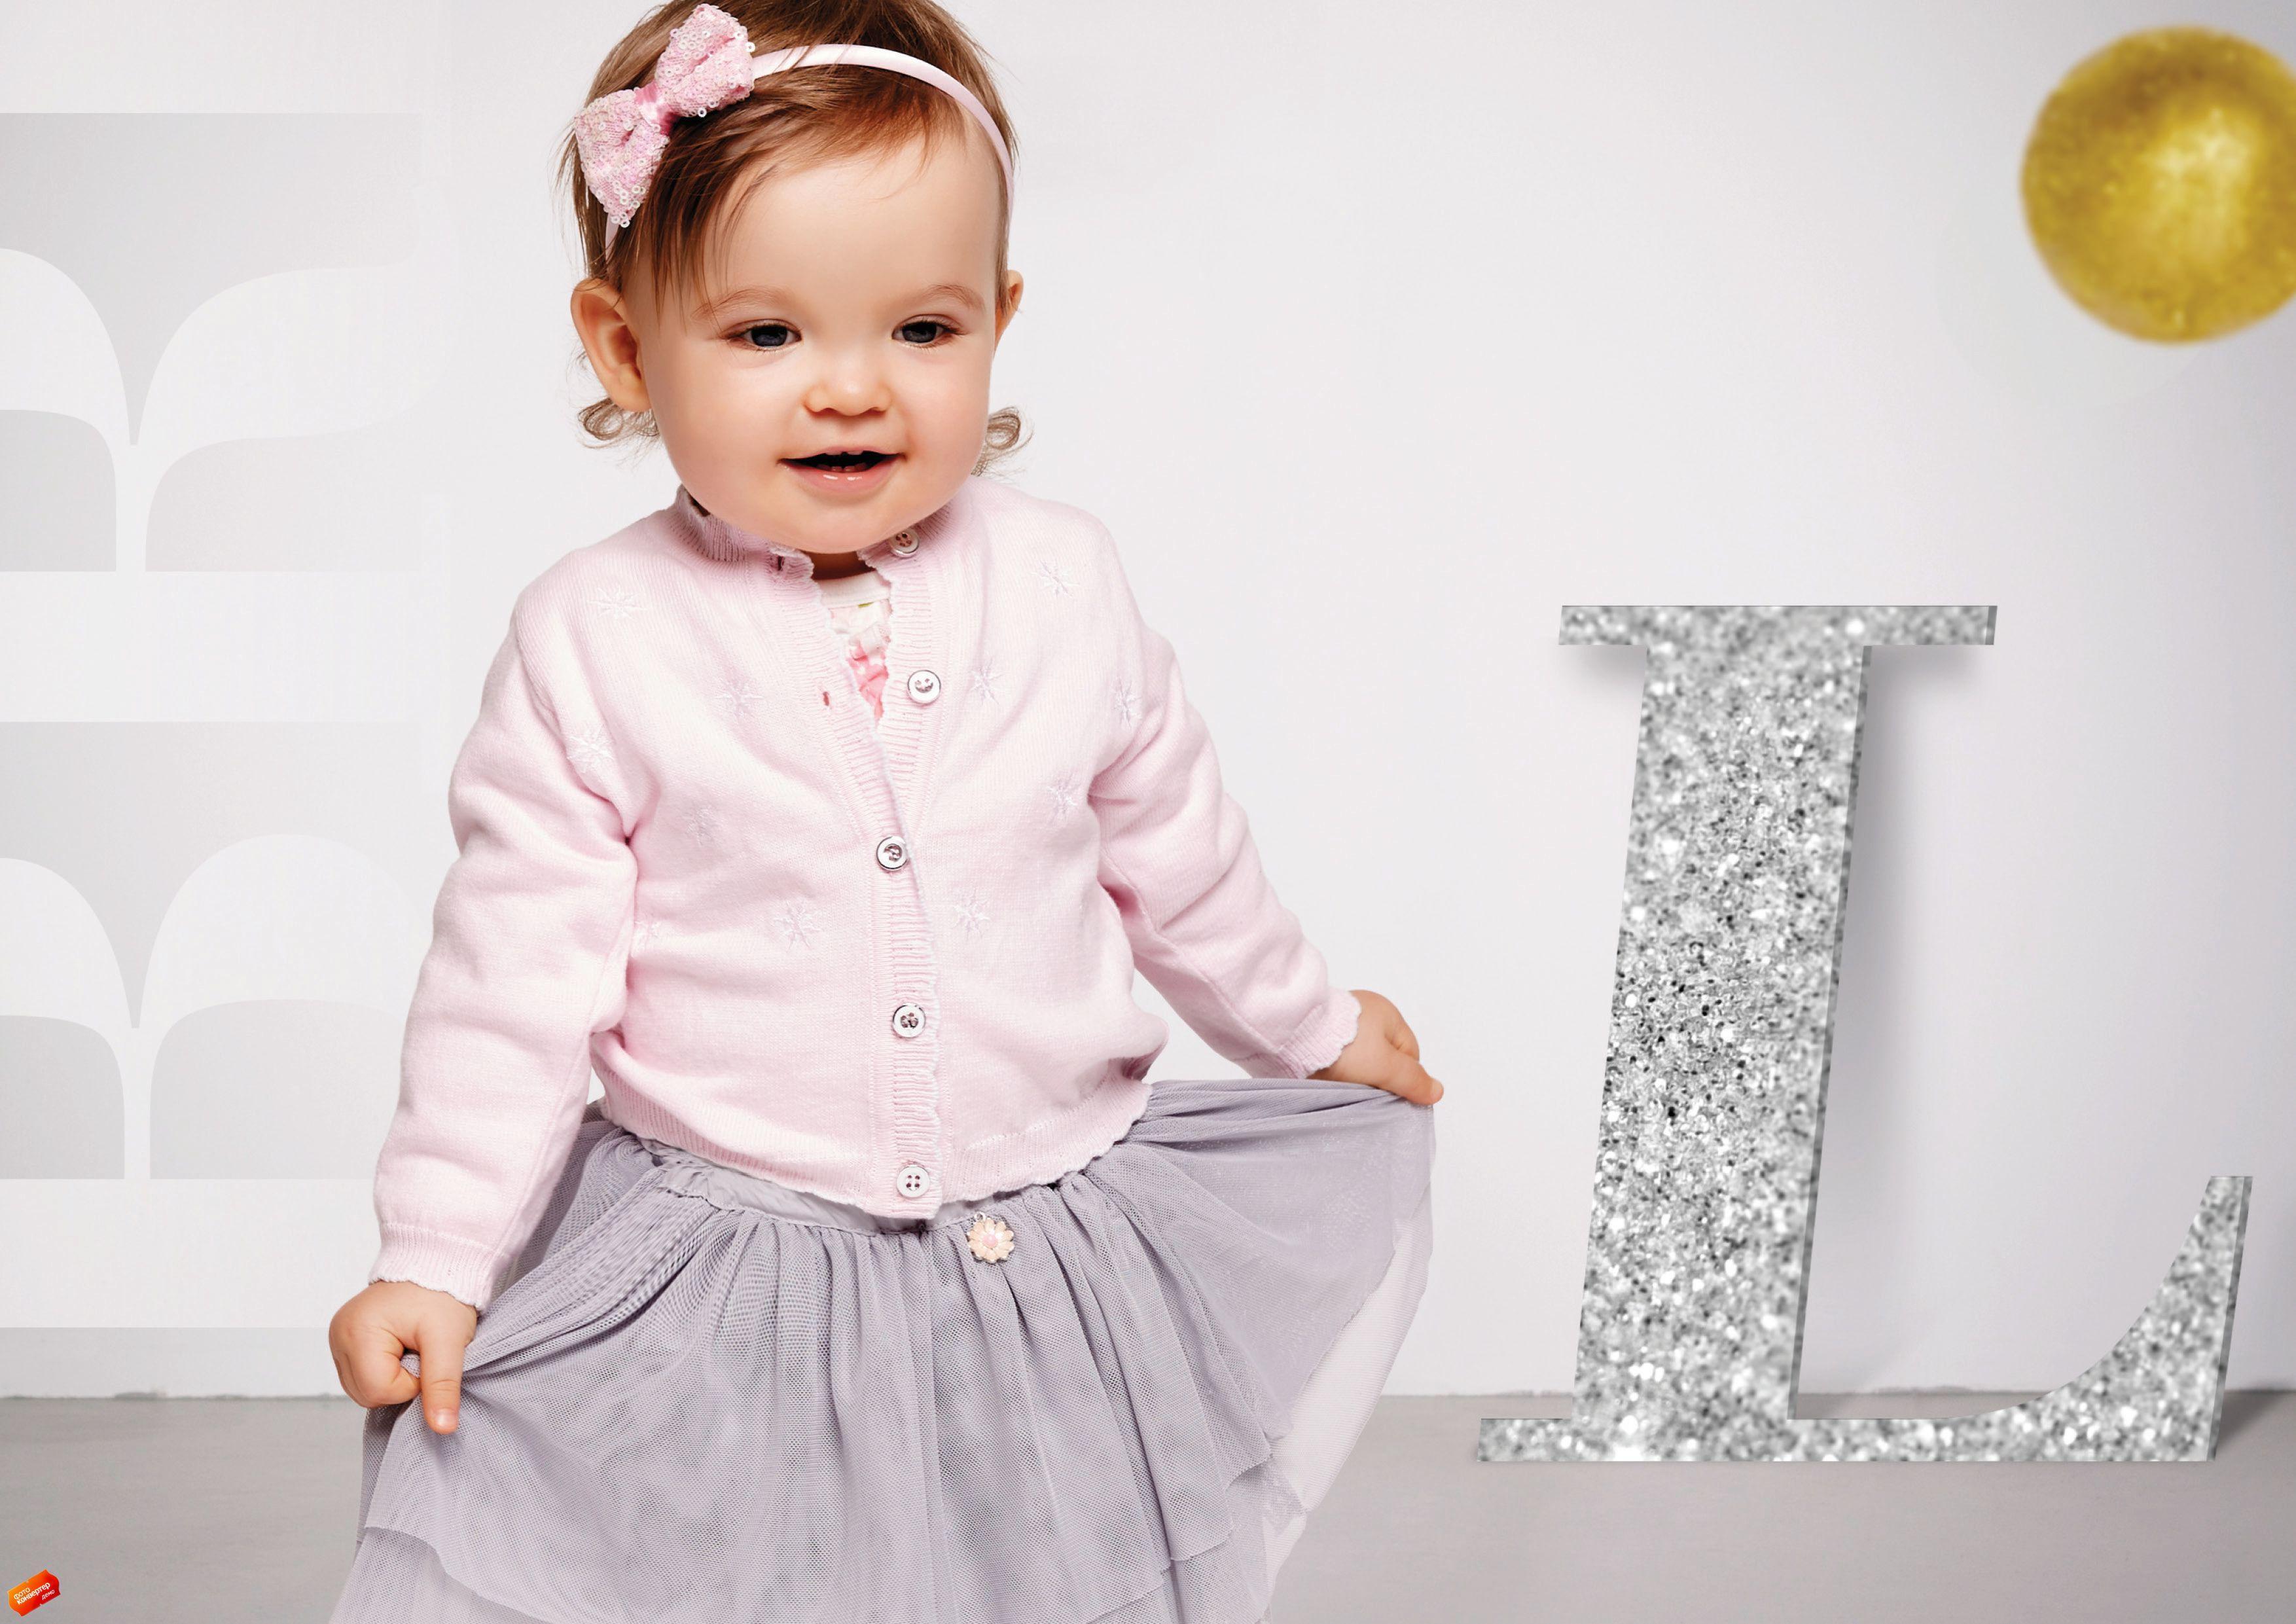 Сбор заказов. Барбарас.одежда для детей из Польши.теперь от 0 до 122.без рядов.есть распродажа